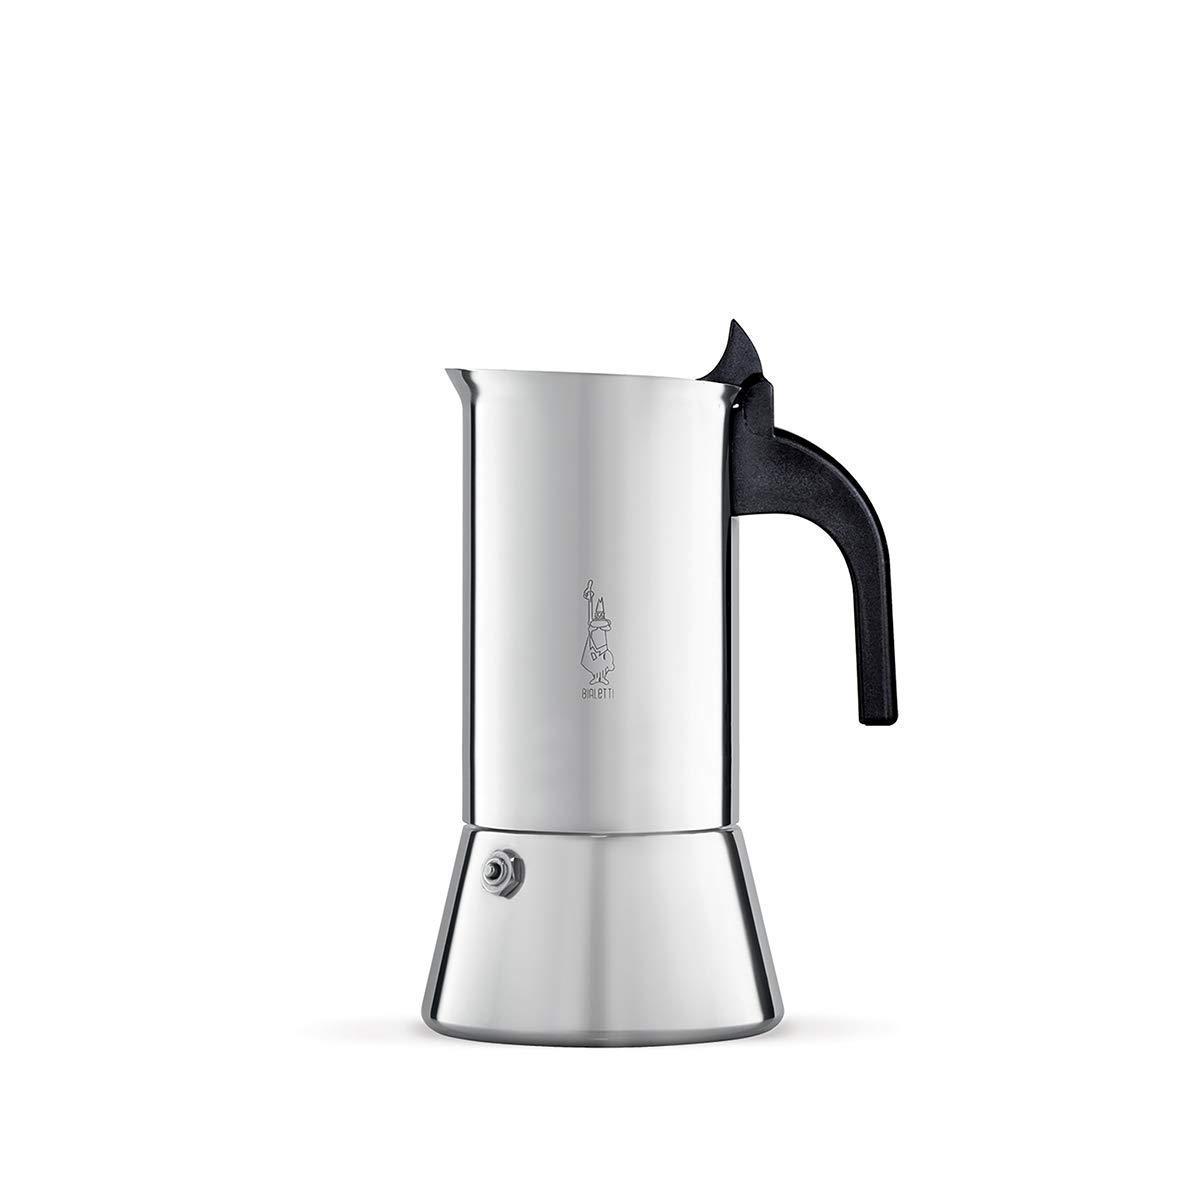 Bialetti Venus - Cafetera de Acero Inoxidable para 6 Tazas: Amazon ...